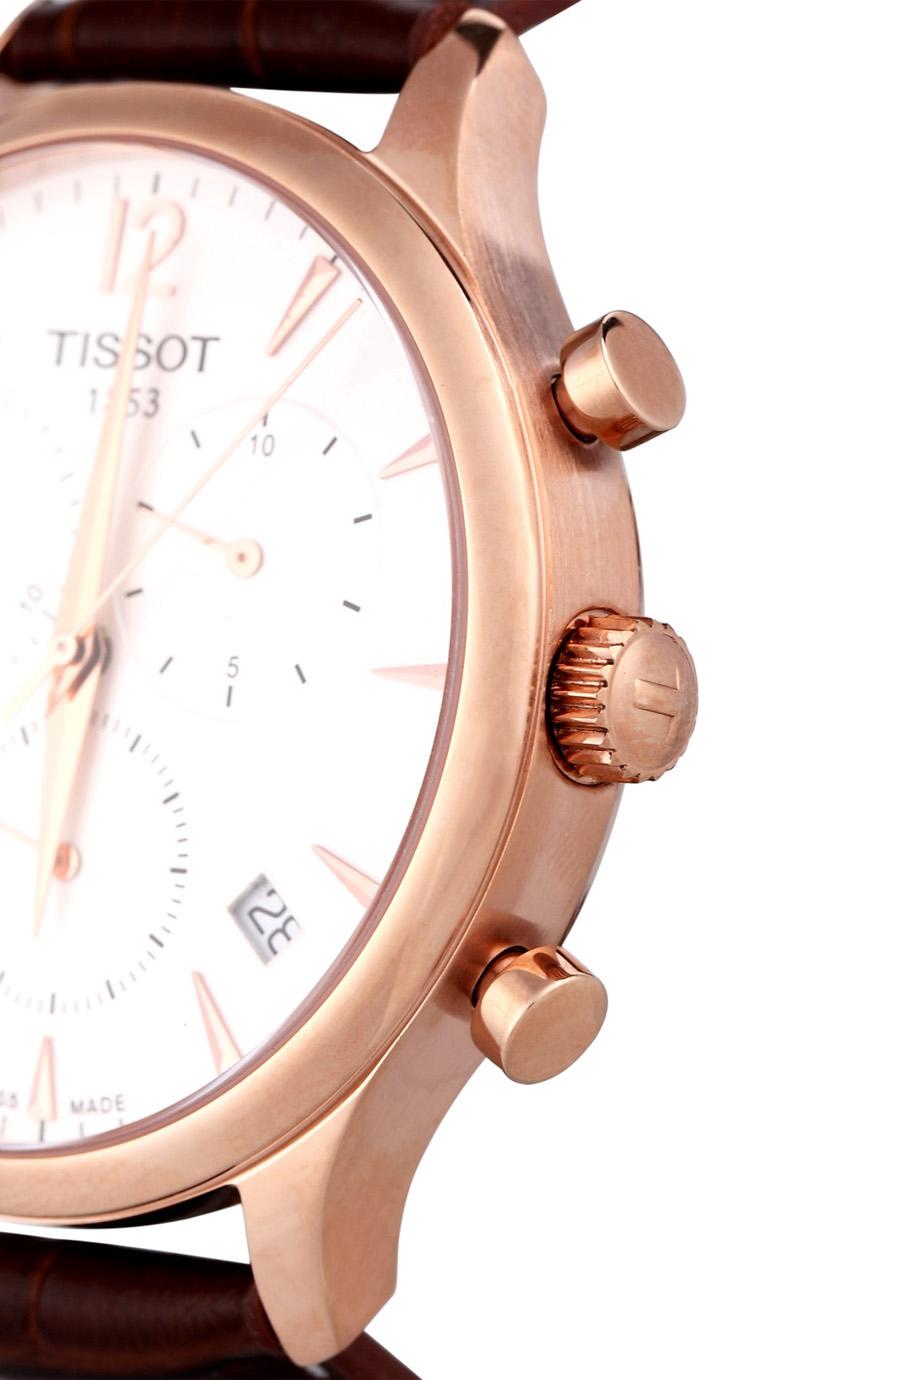 Đồng hồ Tissot T063.617.36.037.00 có 3 chốt